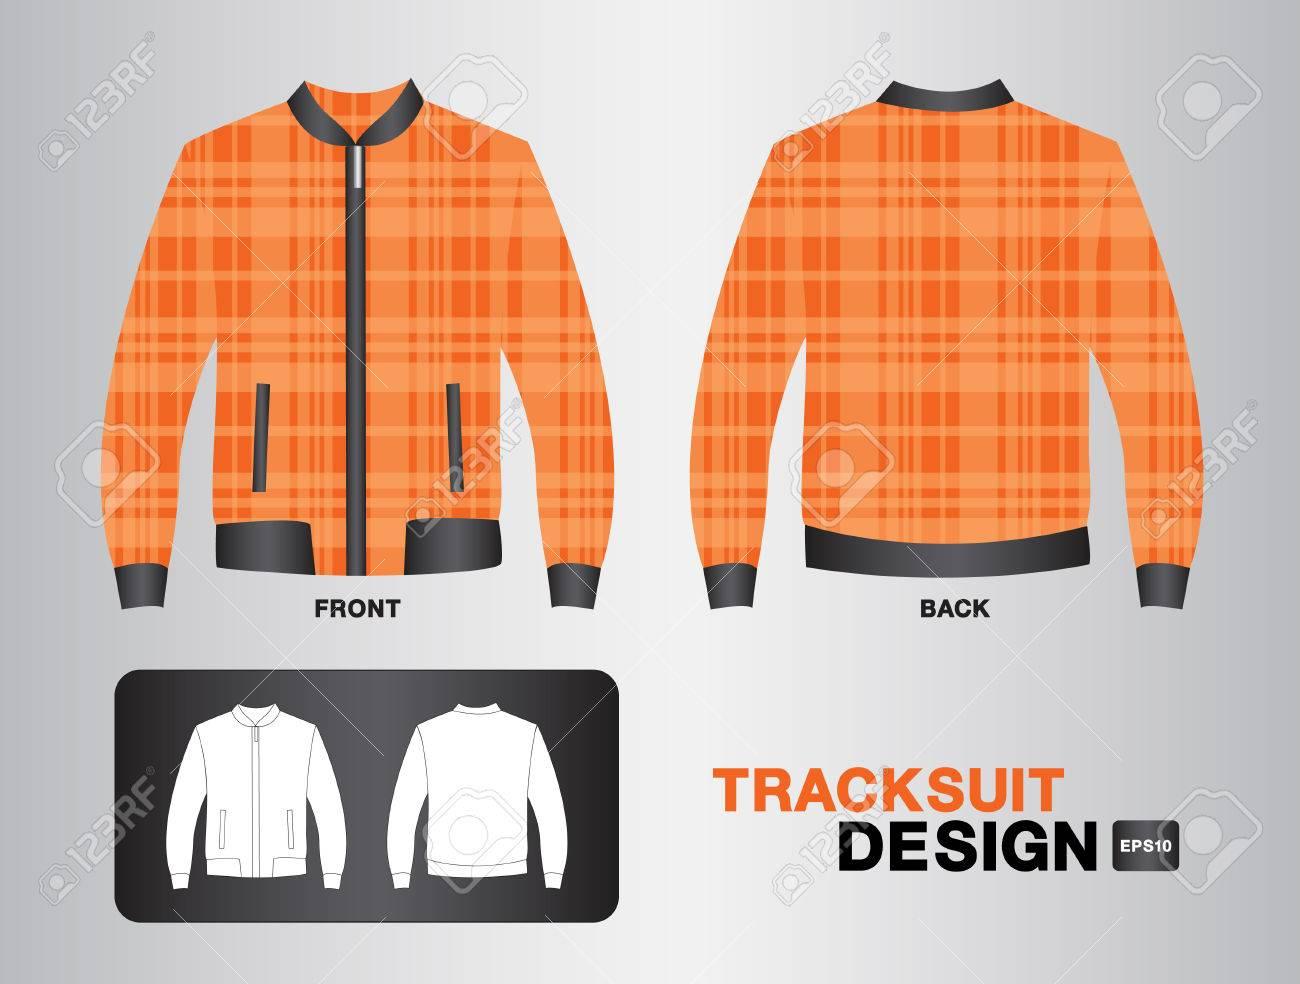 Shirt jacket design - Green Plaid Tracksuit Design Illustration Jacket Design Unifrom Design Clothing Sport Shirt